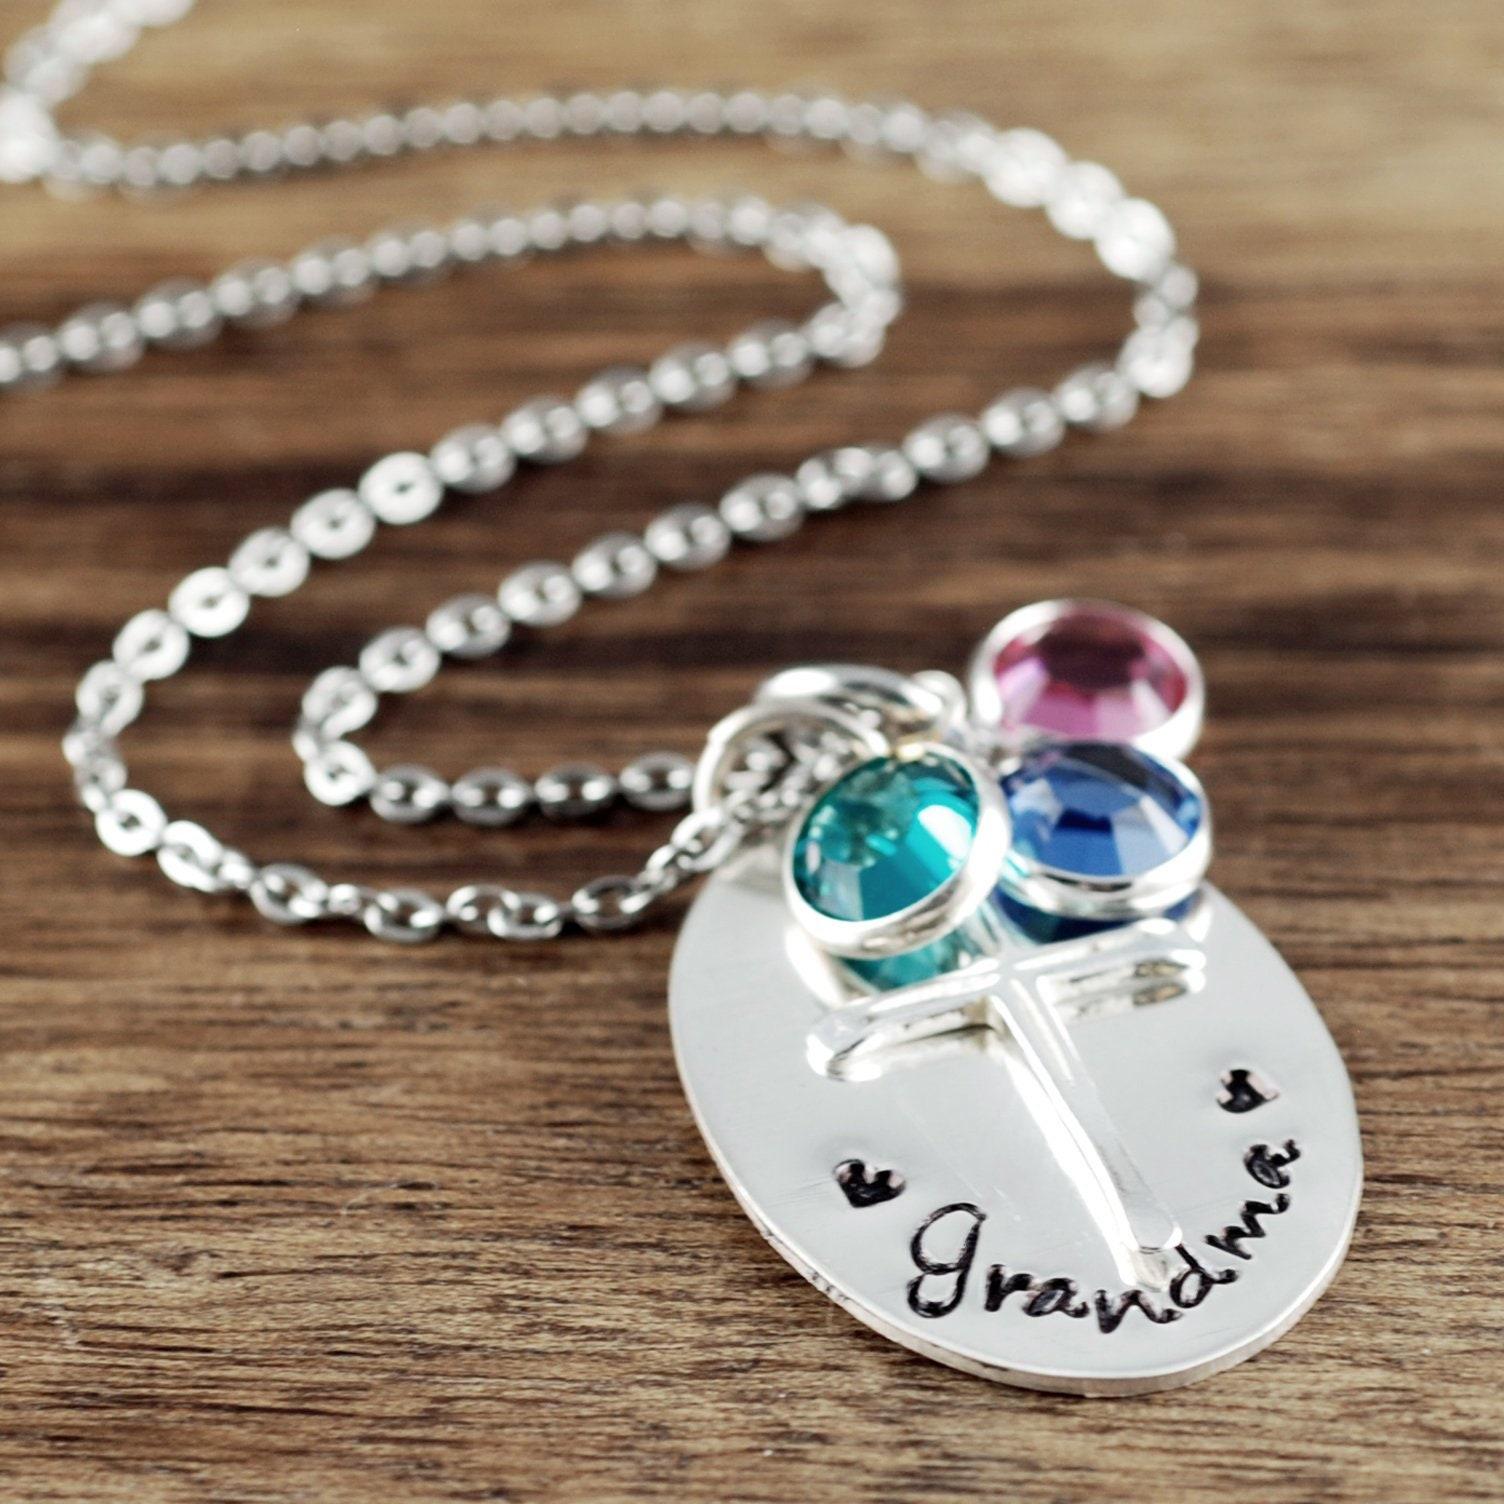 Birthstone Jewelry Personalized Nana Grandma Necklace